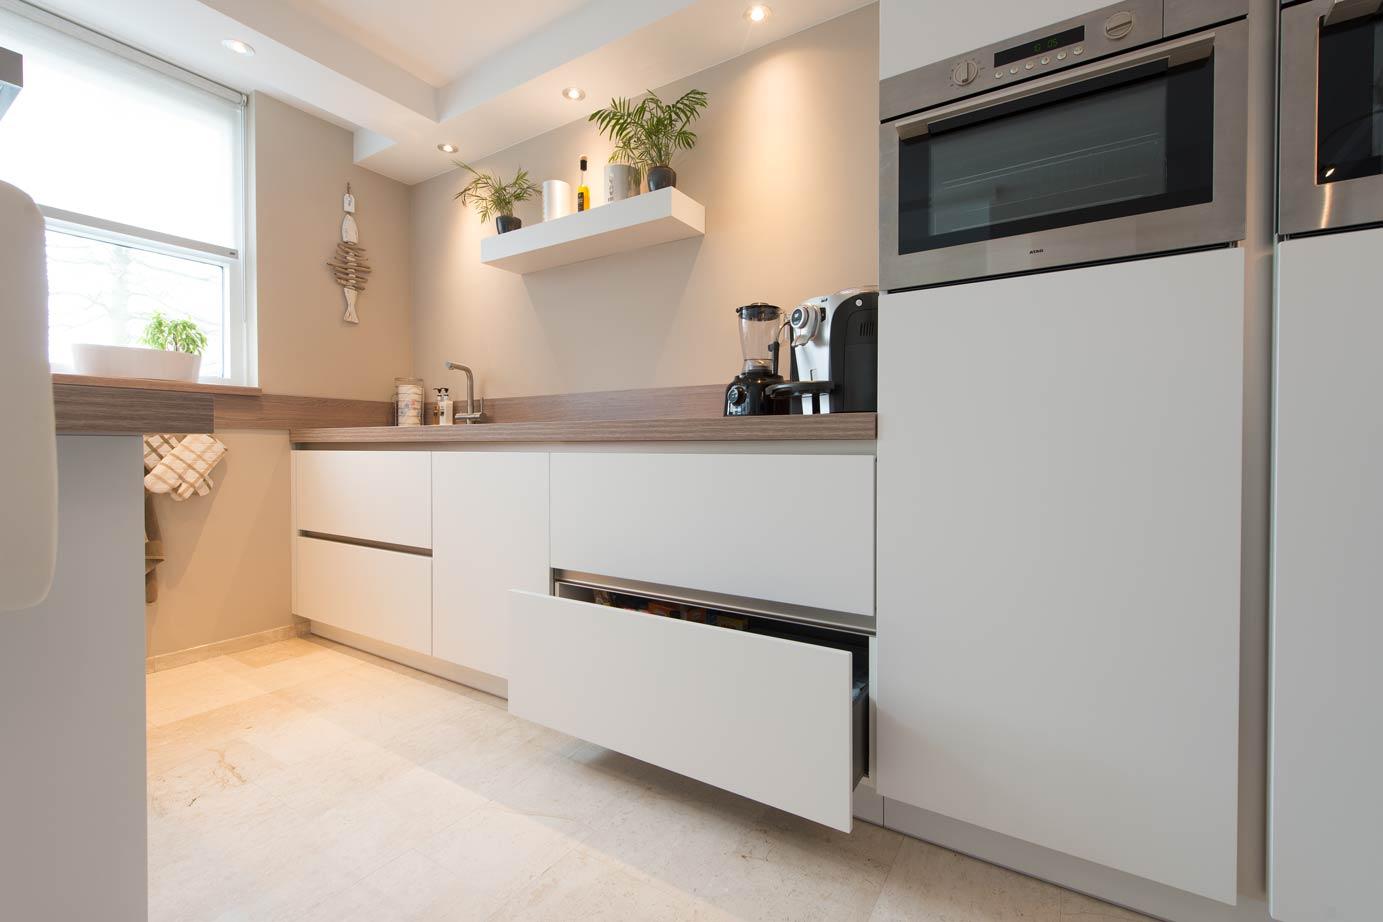 Keukens Kesteren Renovatie : Keukenrenovatie in heel nederland met eigen monteurs db keukens